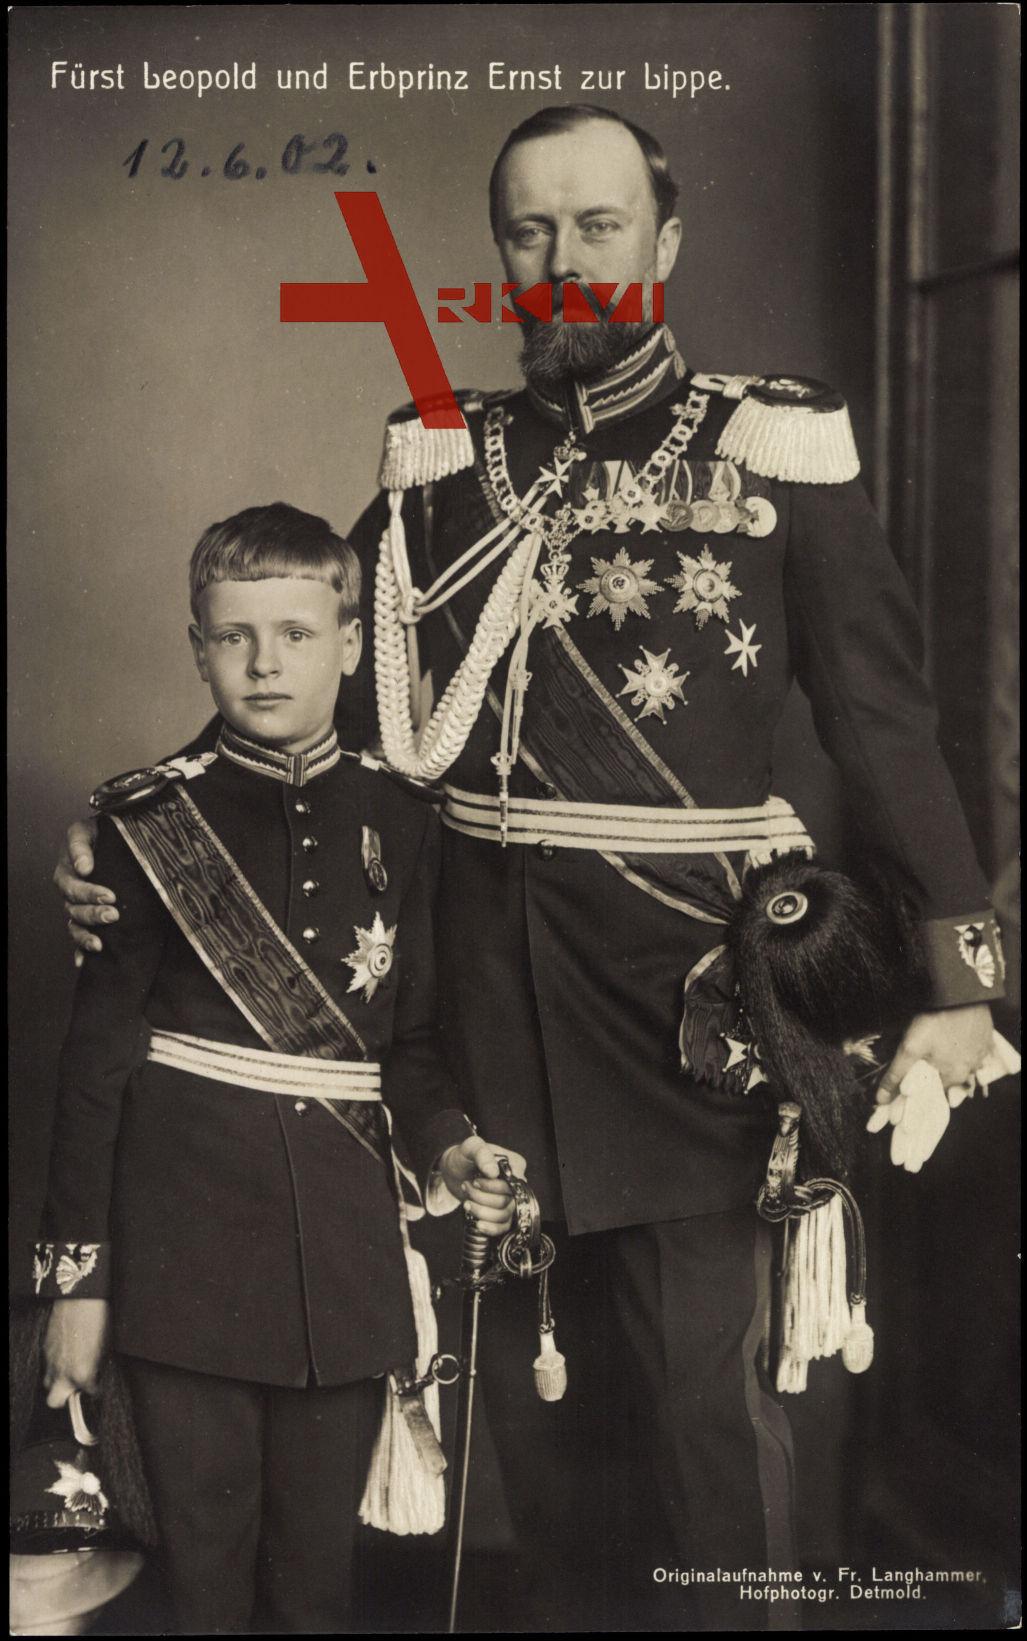 Fürst Leopold und Erbprinz Ernst zu Lippe, Uniformen